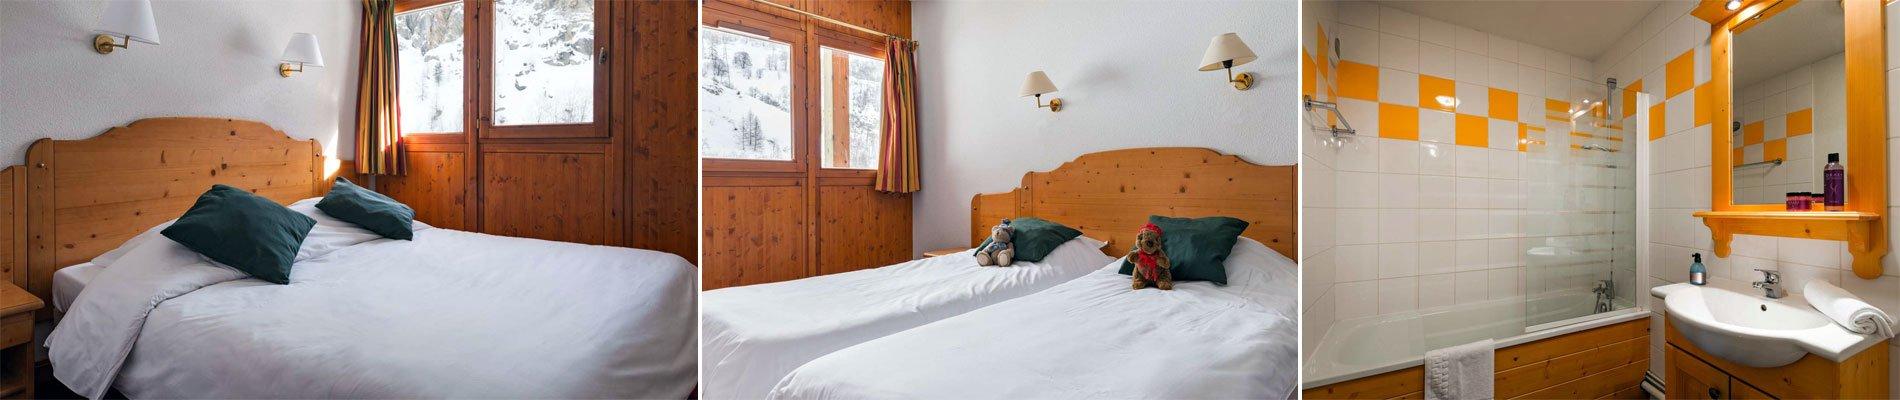 chalets-du-galilbier-valloire-frankrijk-wintersport